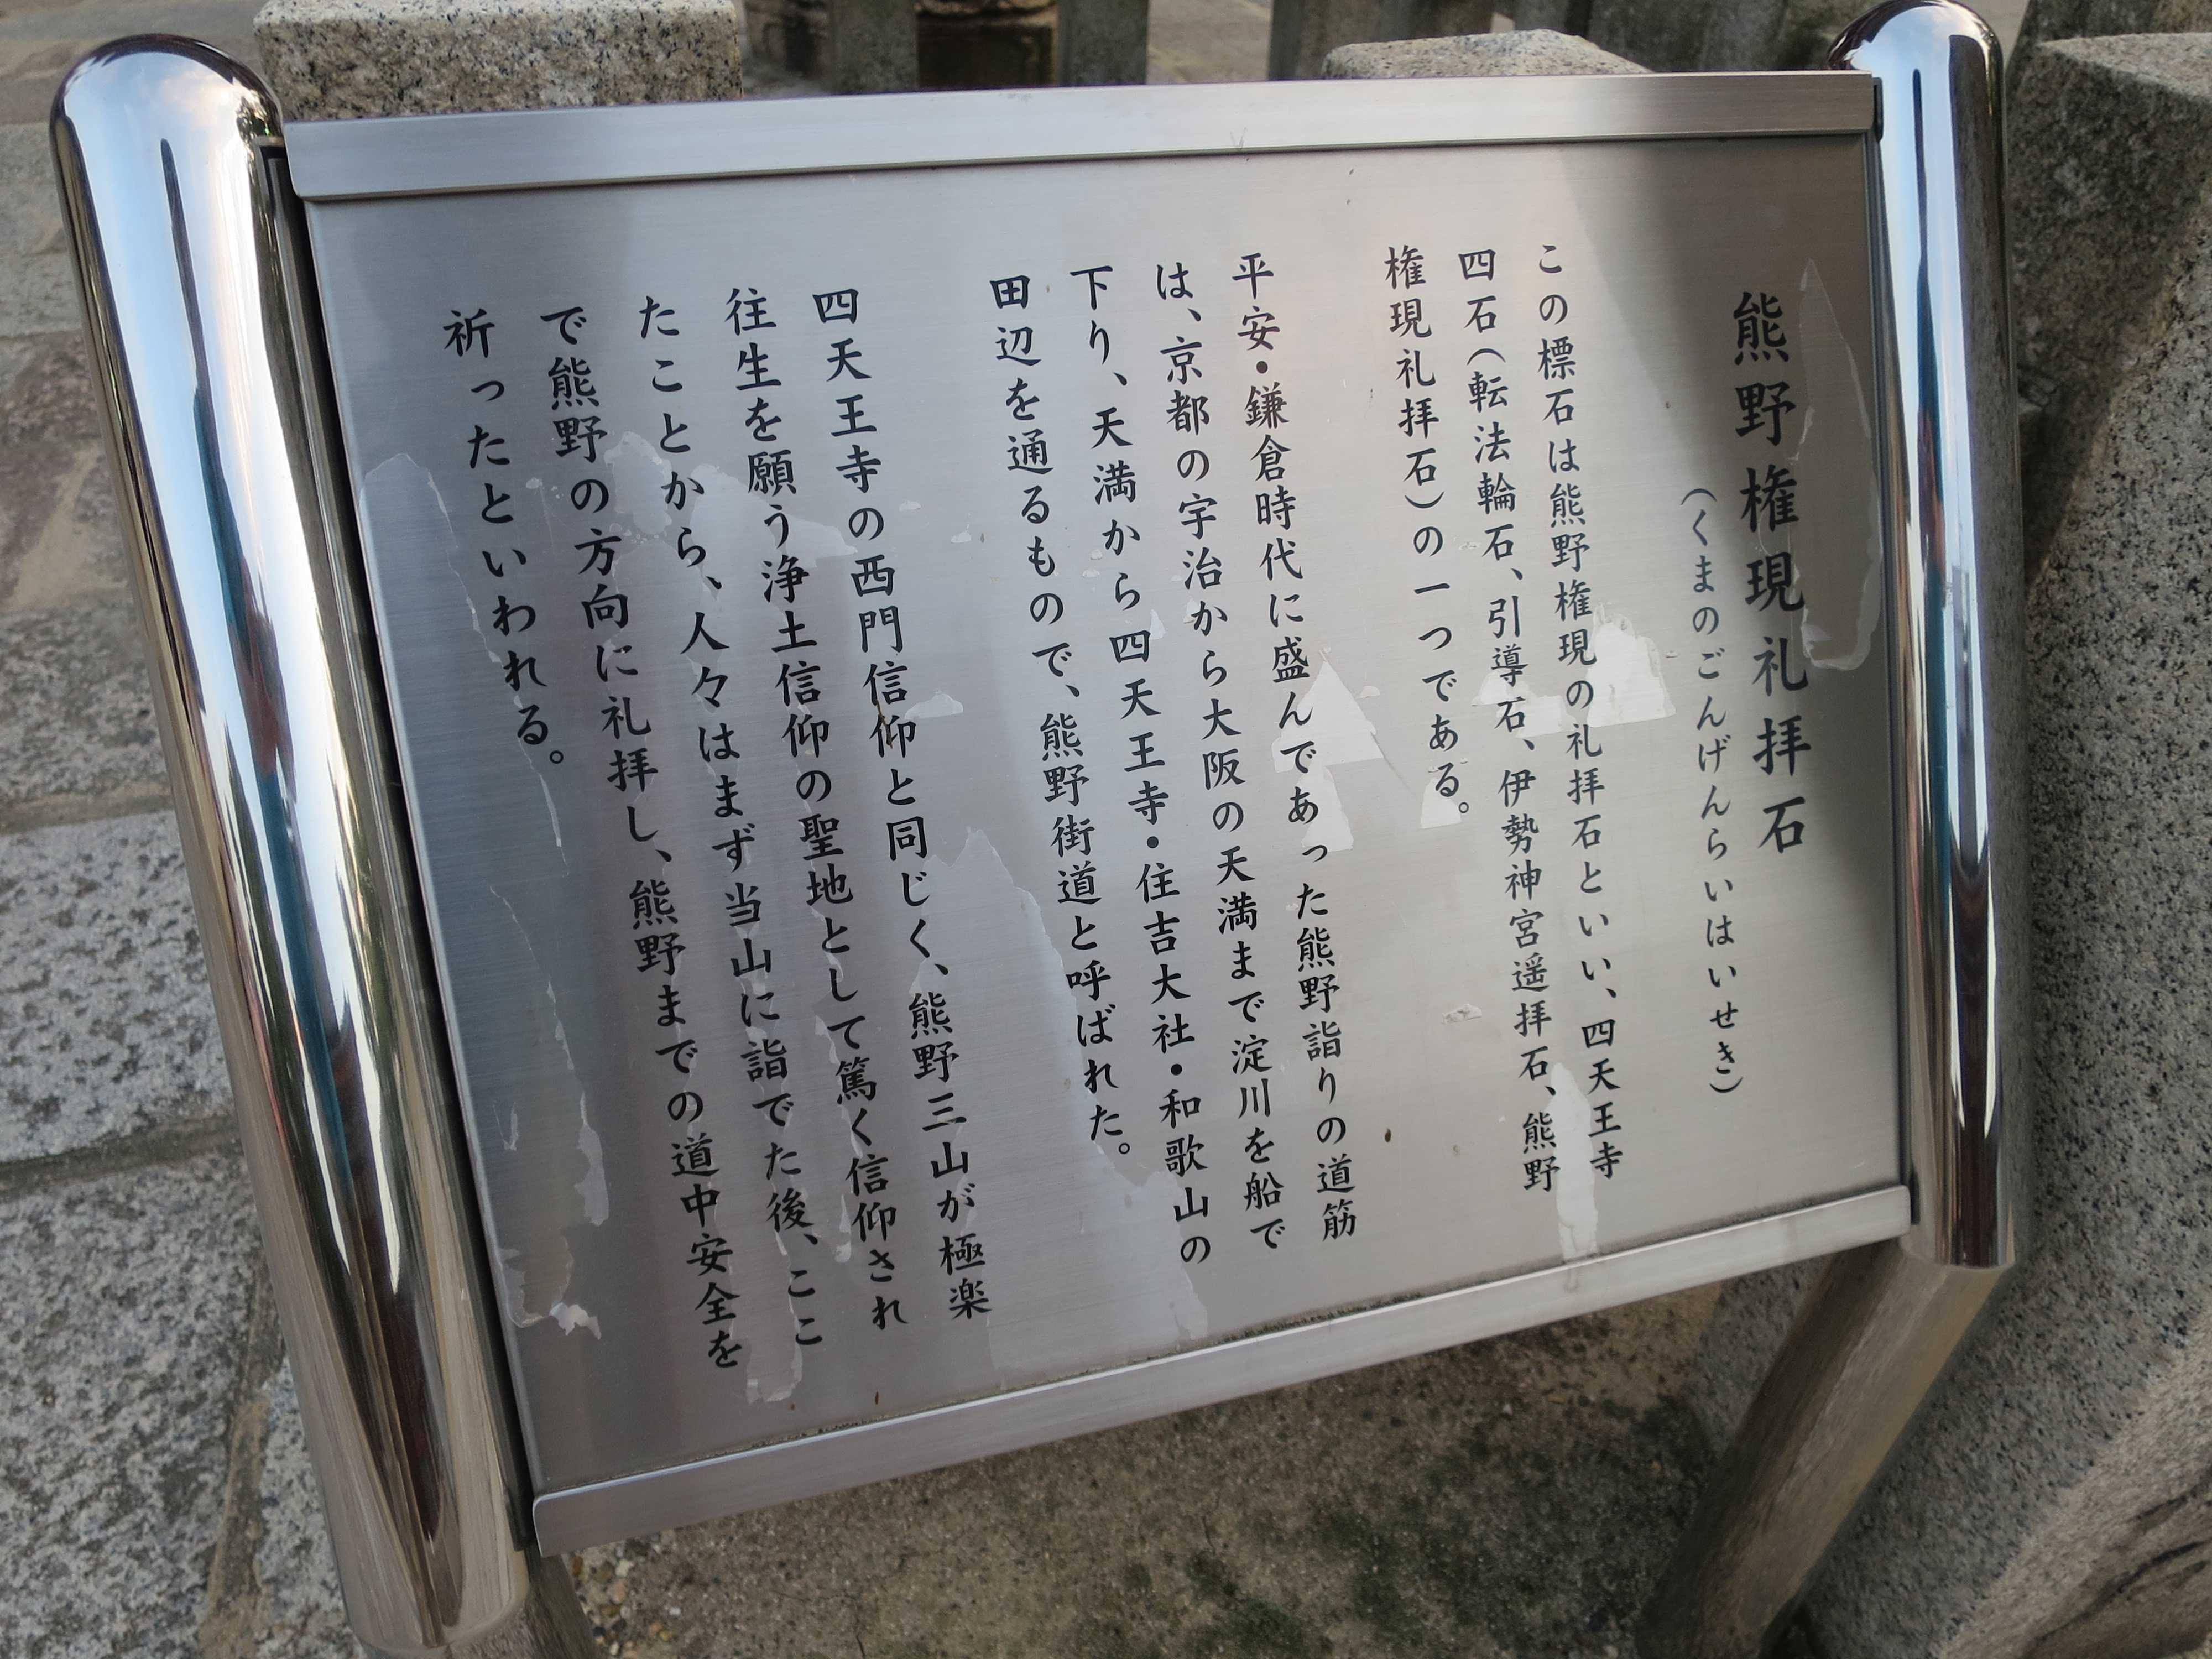 四天王寺 熊野権現礼拝石